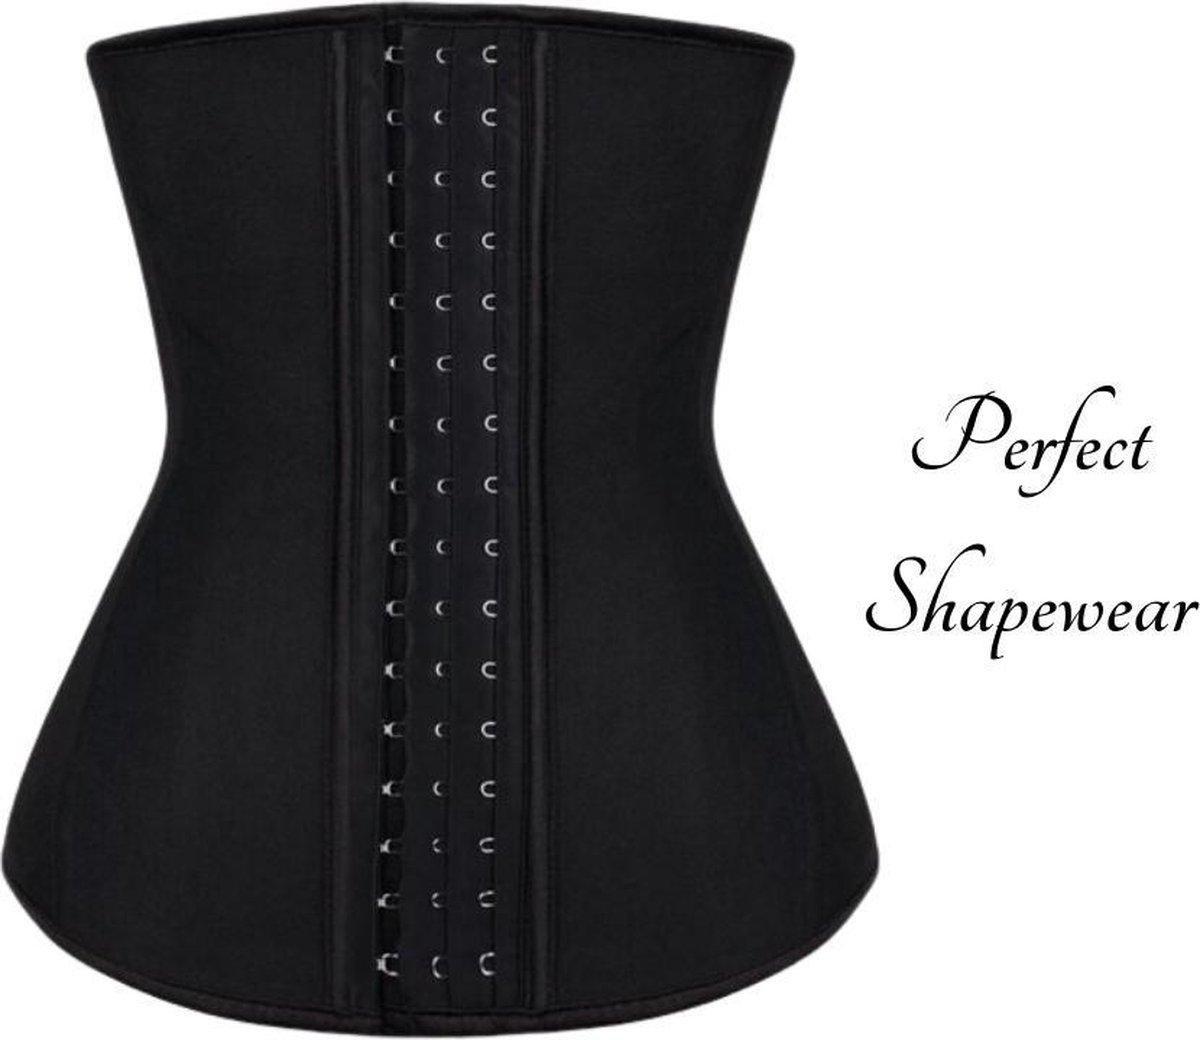 Perfect Shape Waist Trainer   Maat L   Latex Body Shaper voor een Slanke Taille & Zandloper figuur